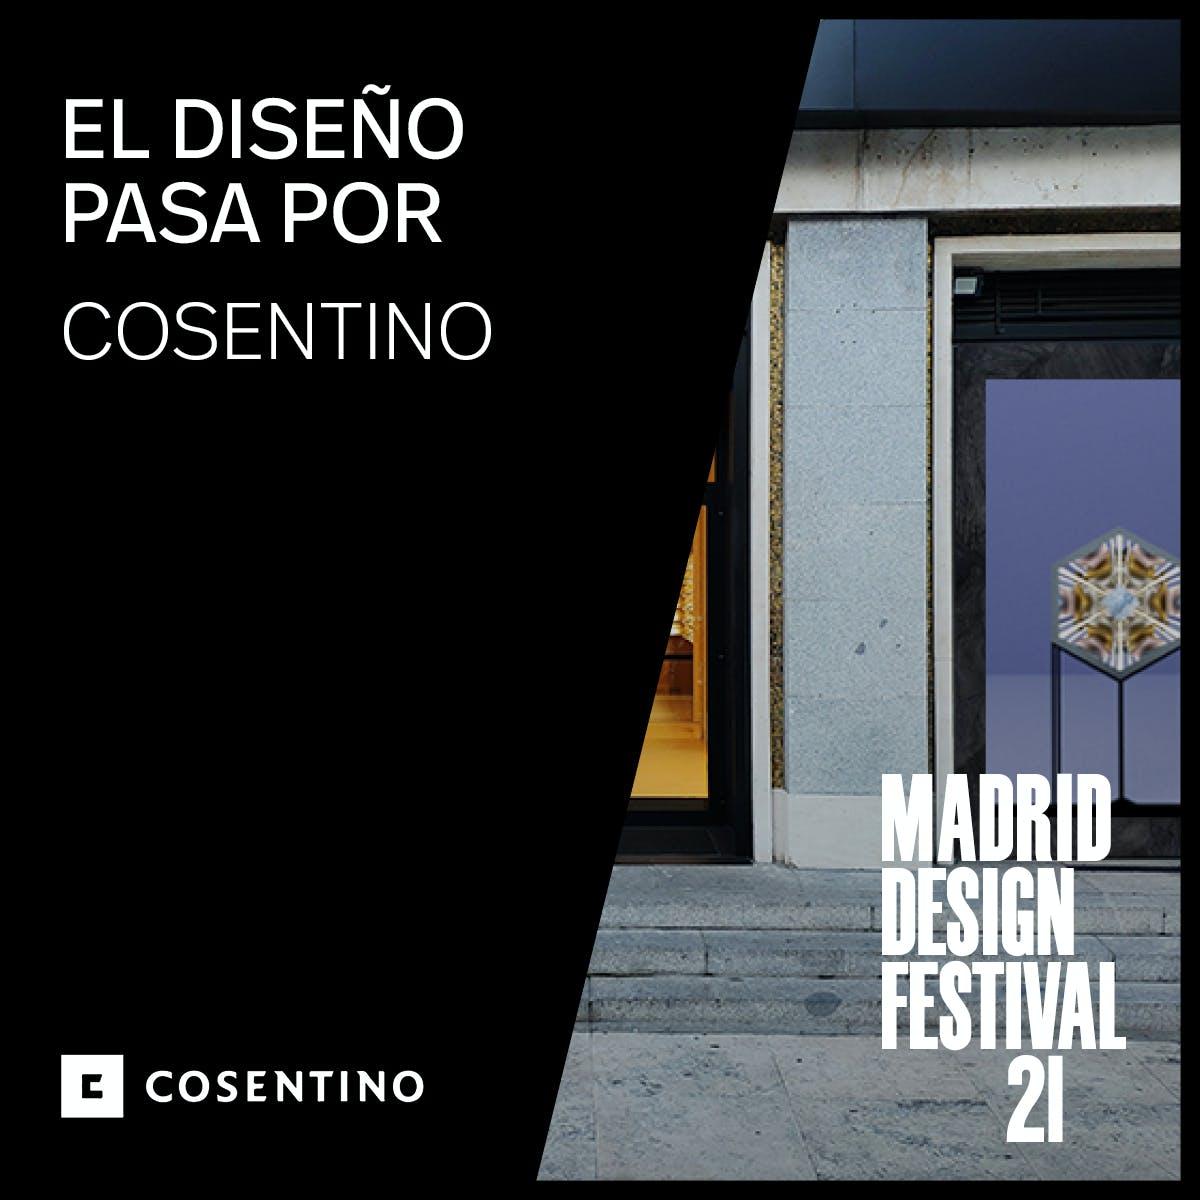 Image of MDPartner COSENTINO1 1 6 in Cosentino at the Madrid Design Festival 2021 - Cosentino